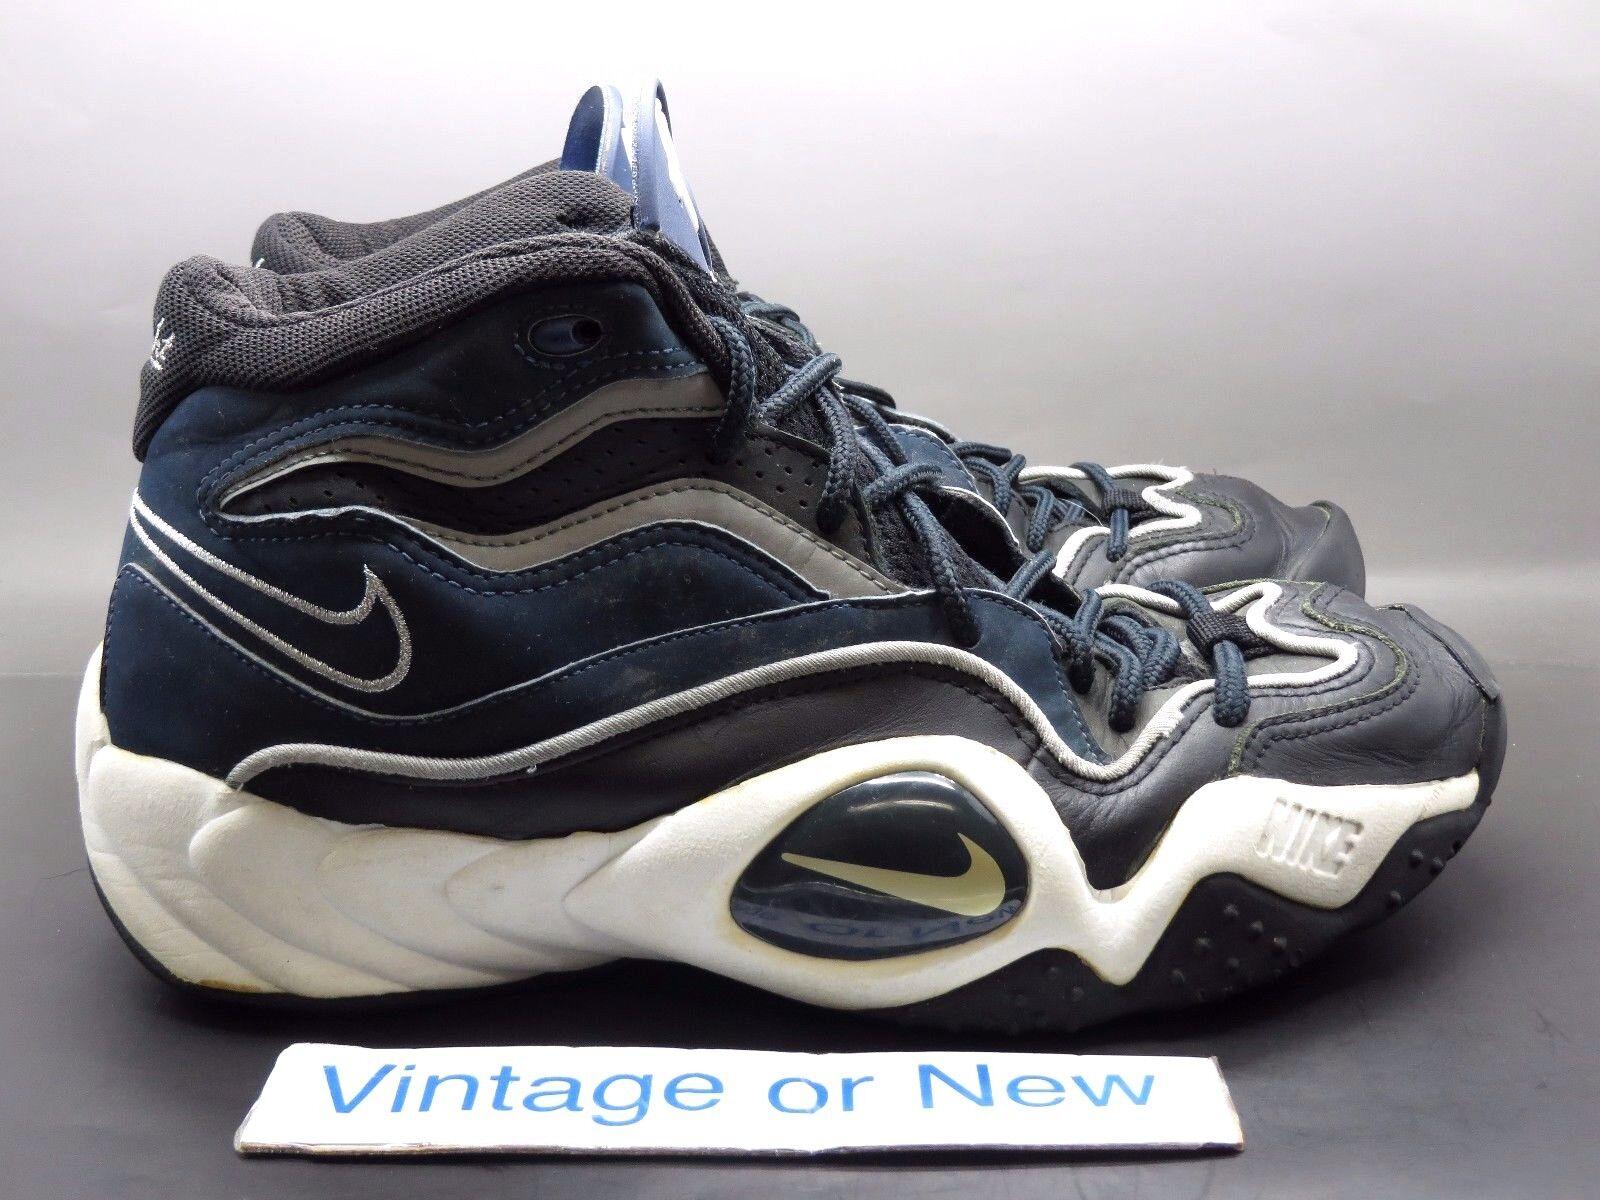 VTG OG Nike Air Flight Turbulence Navy Black Silver White 1996 sz 10.5